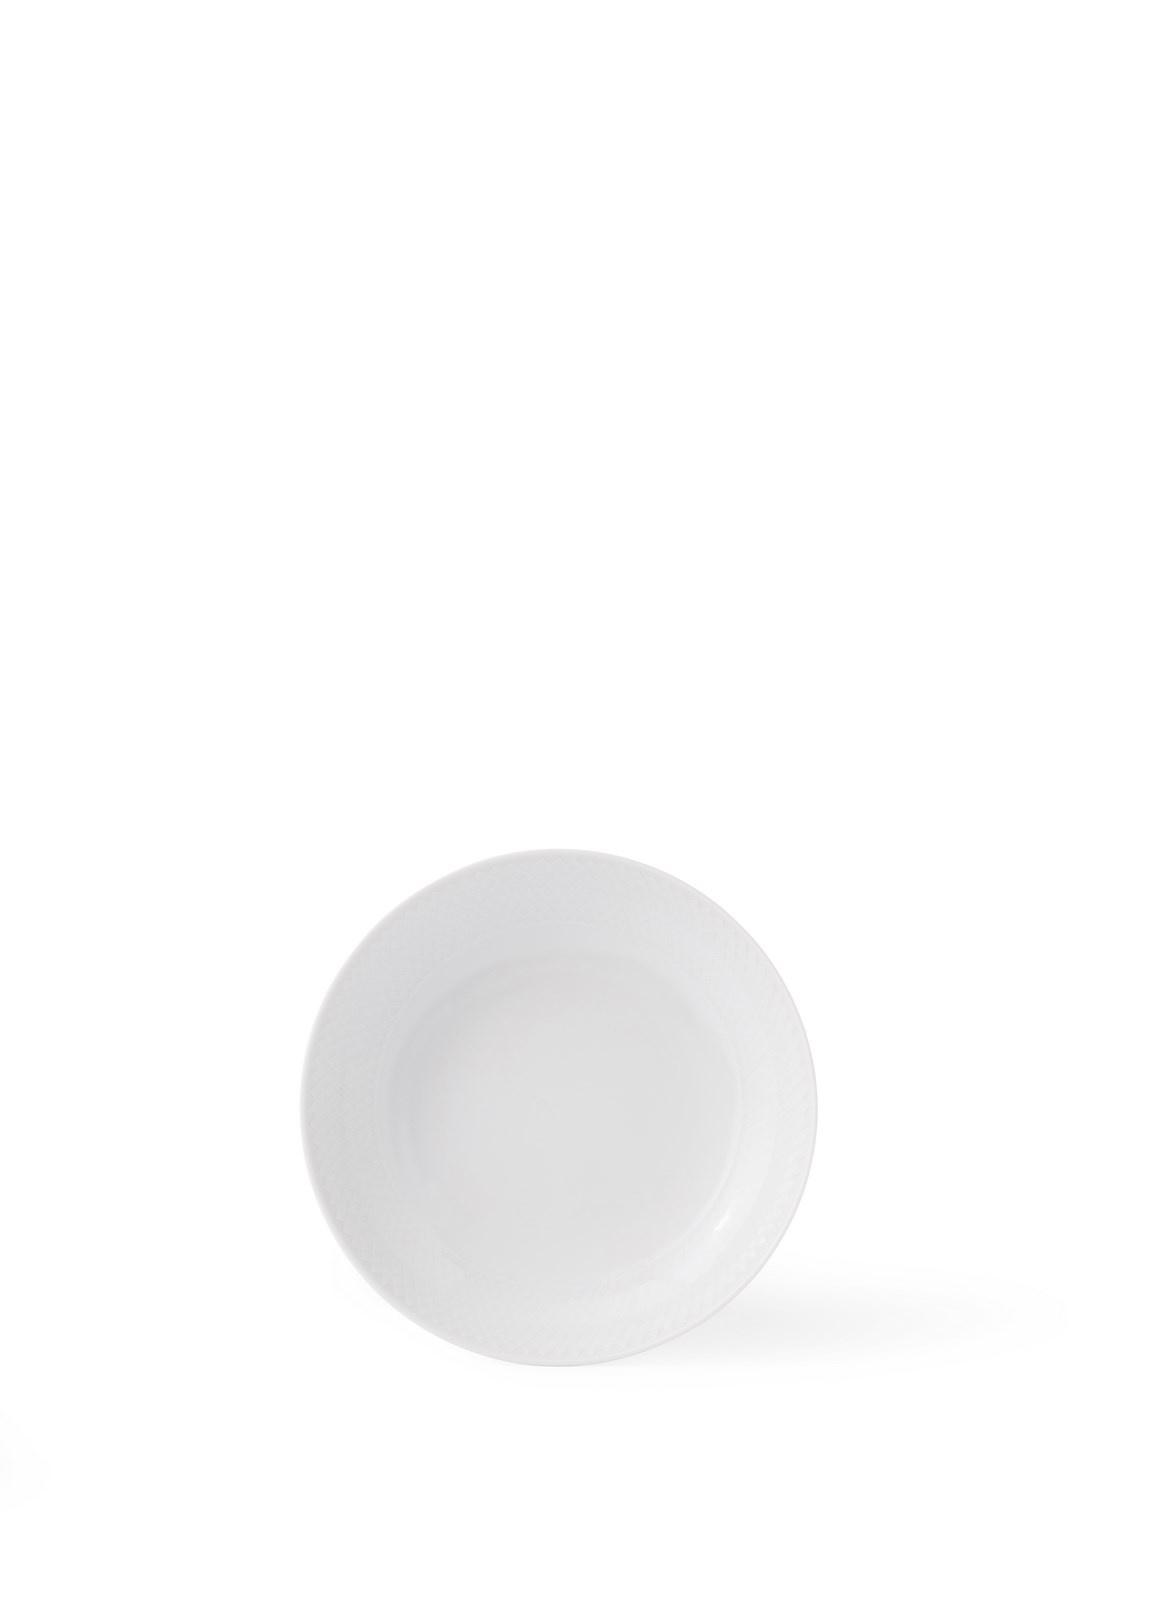 Lyngby Porcelæn Rhombe skål, Ø20 cm